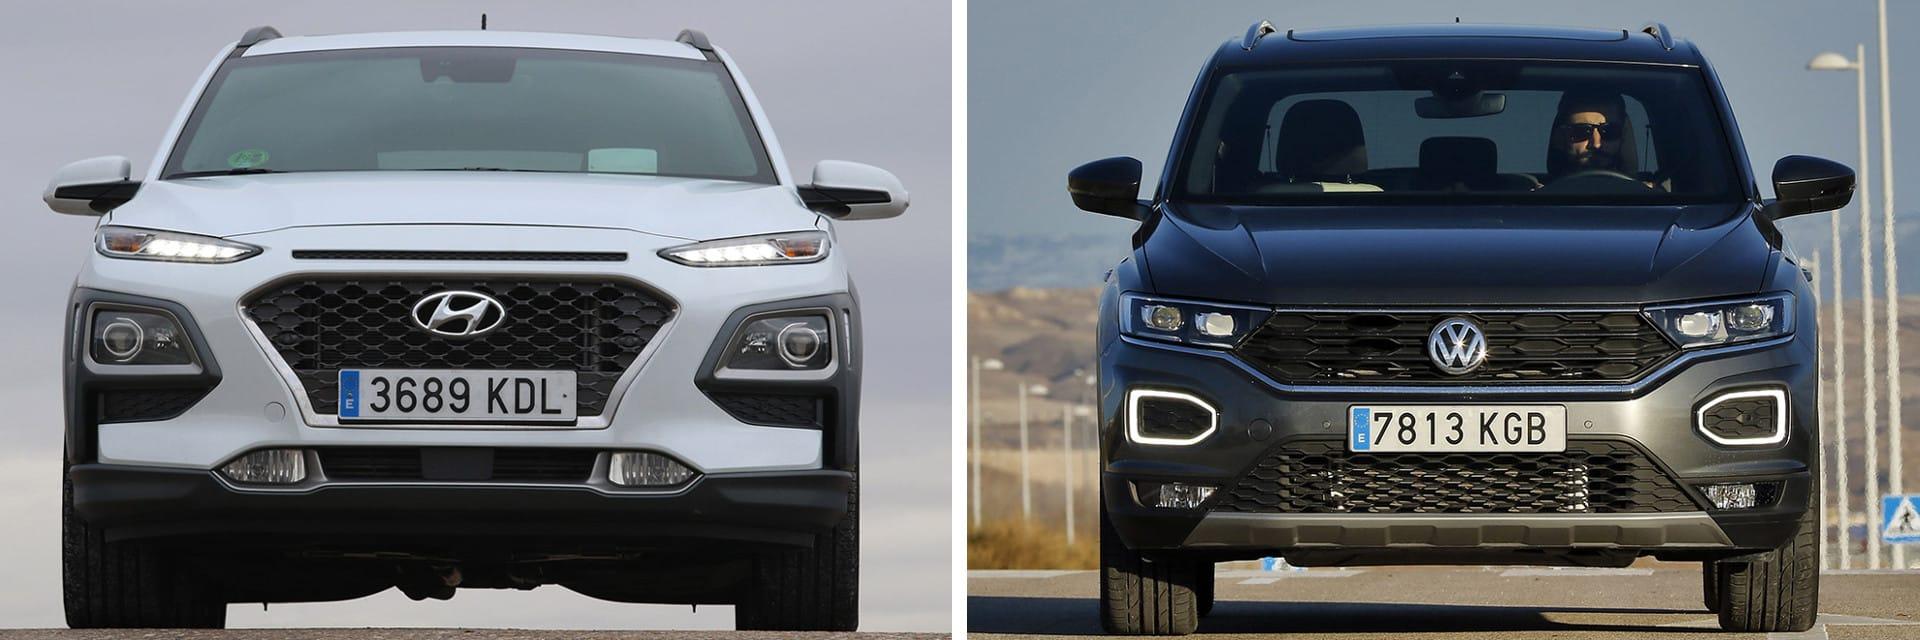 Este Hyundai Kona (izq.) es 8155 euros más económico que el T-Roc (dcha.)